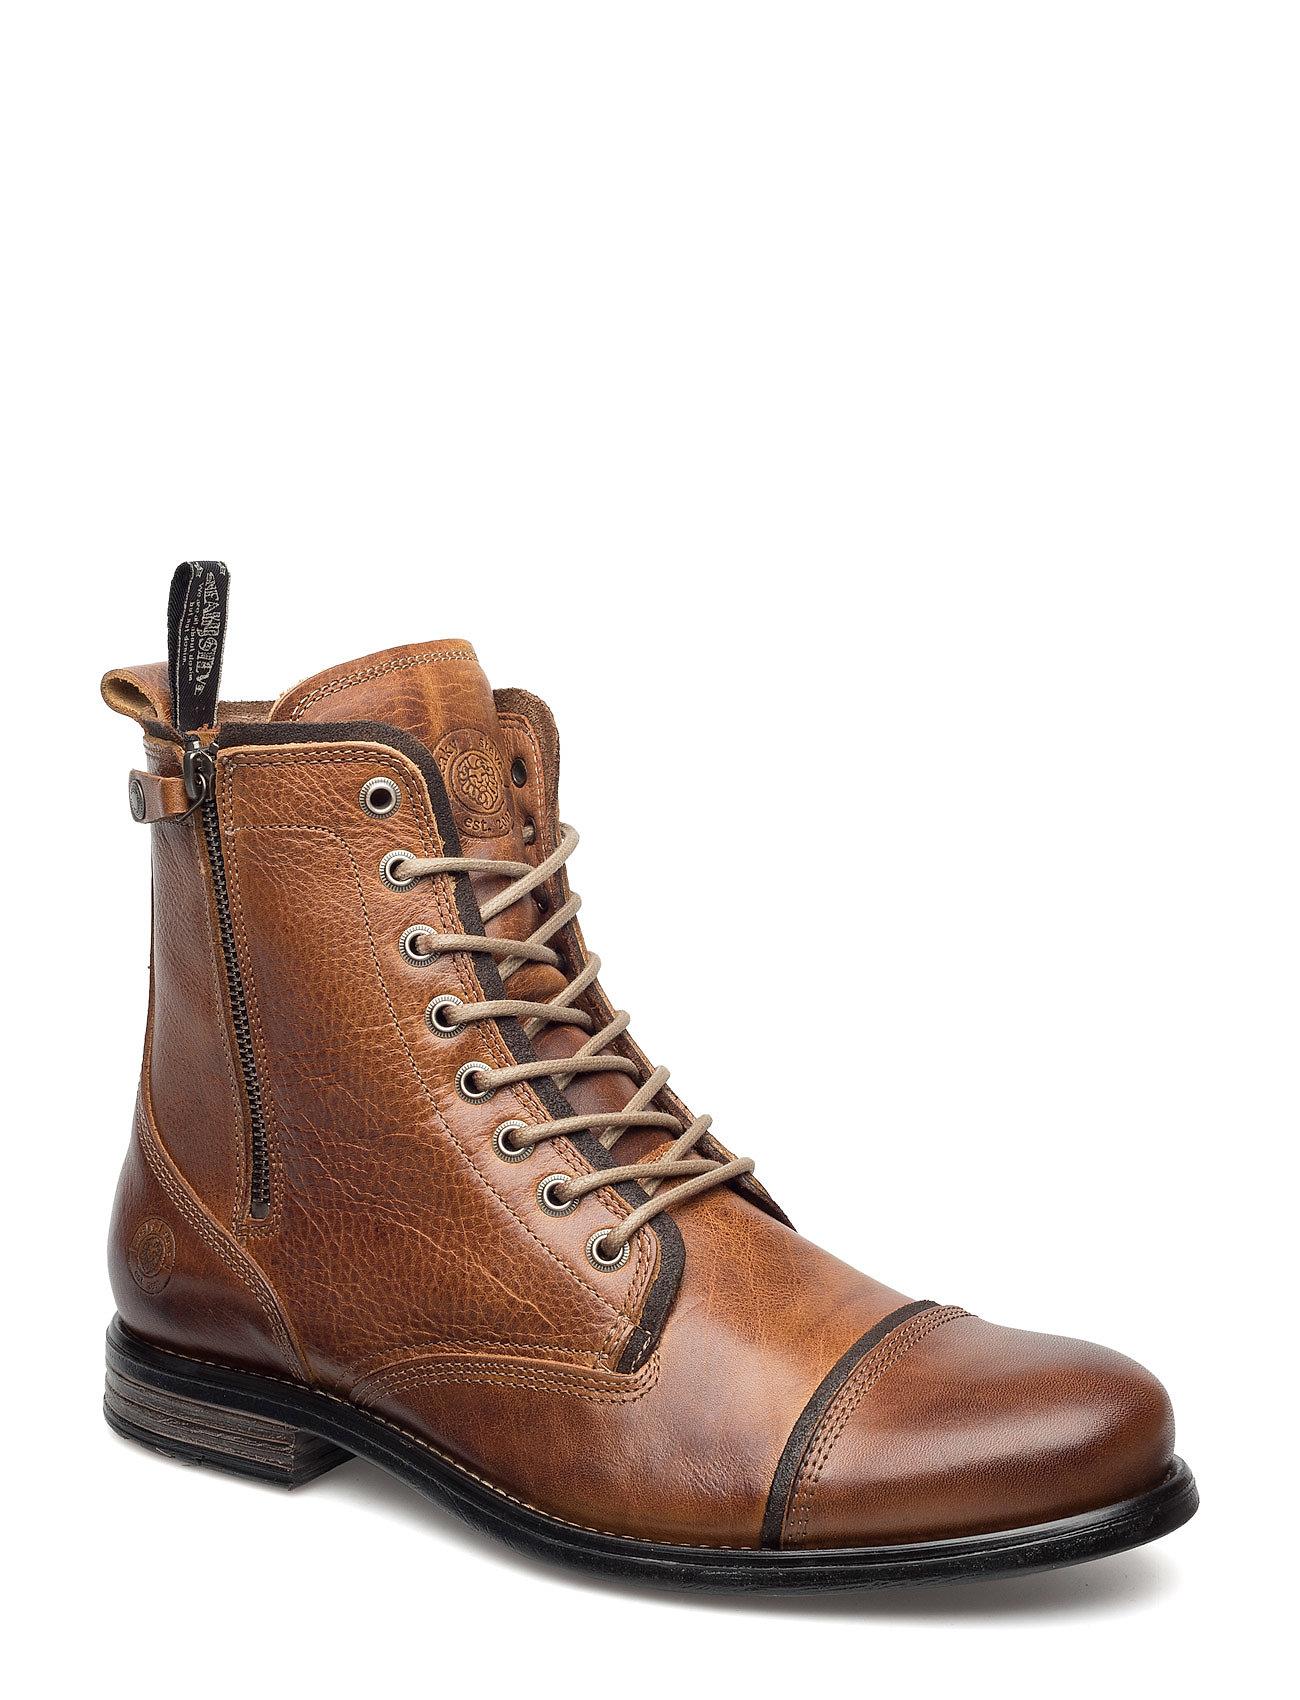 10.000 paar laarzen online Mjus hoge laarzen cognac